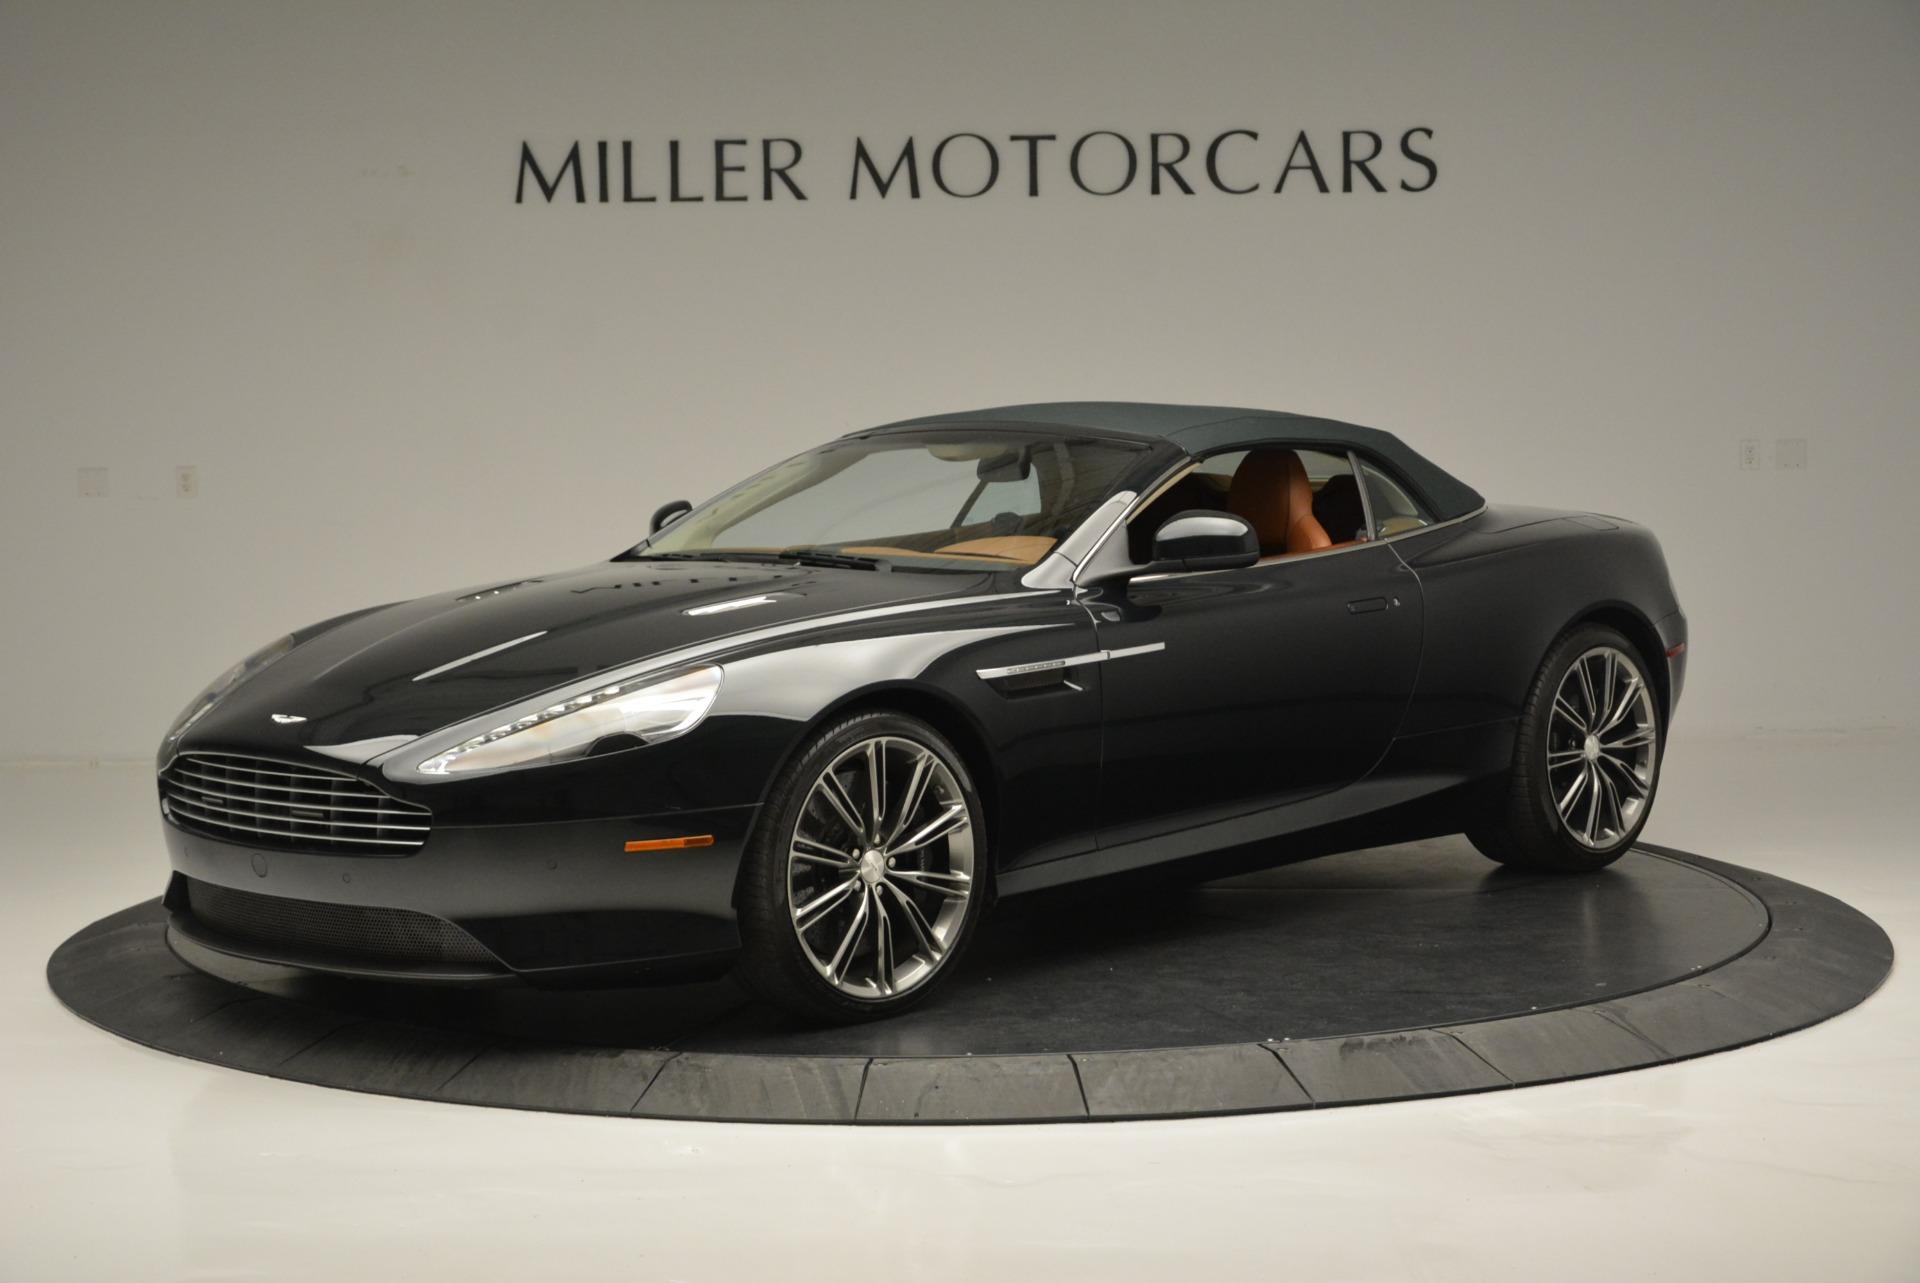 Used 2012 Aston Martin Virage Volante For Sale In Greenwich, CT. Alfa Romeo of Greenwich, 7641 2508_p14